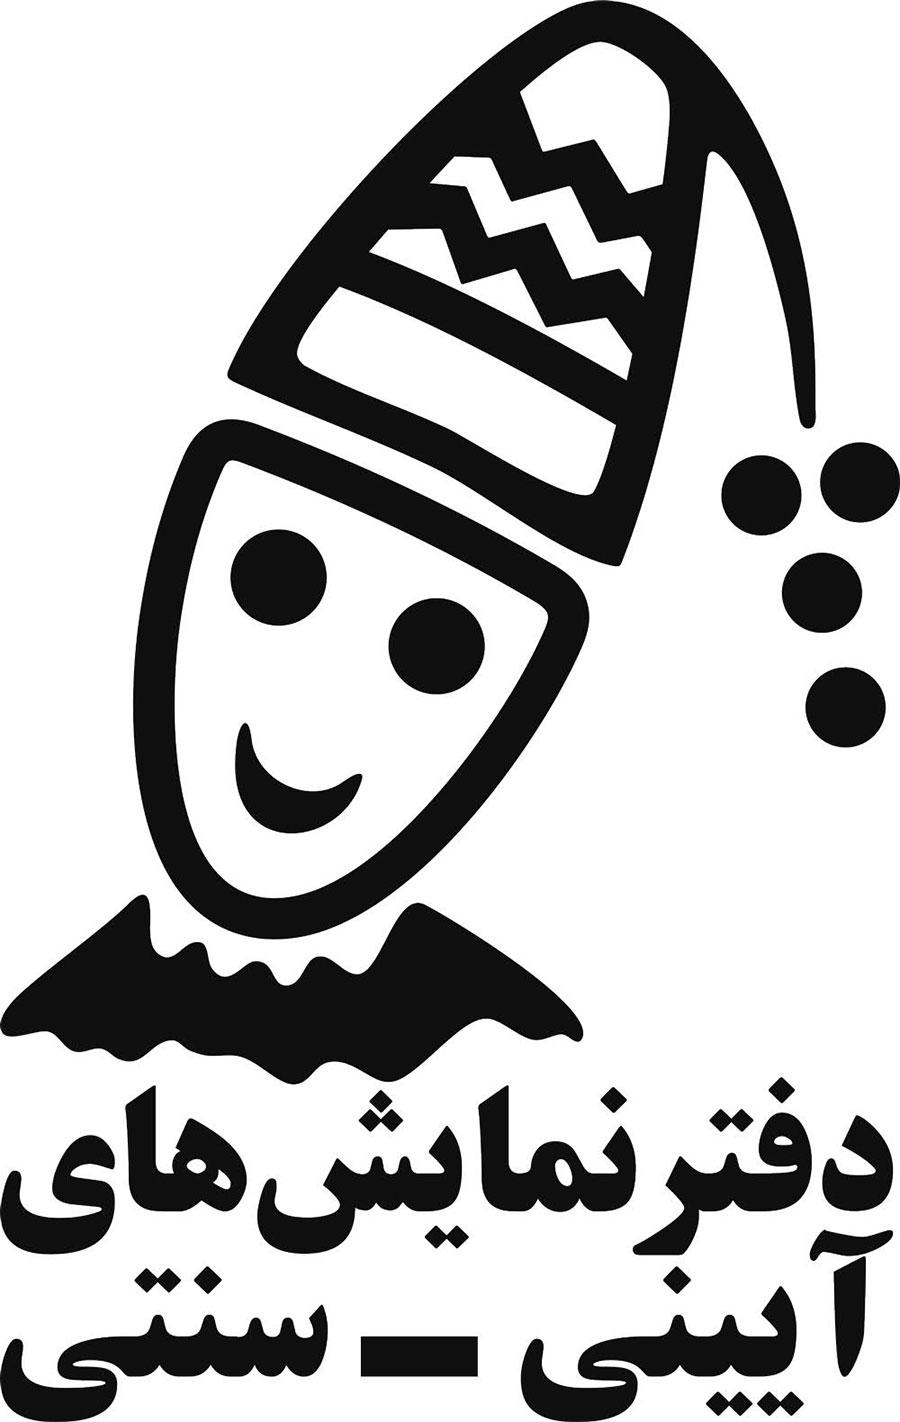 جشنواره نمایش های آئینی و سنتی گامی در جهت حفظ این نمایشها - The festival of traditional and ritual theatre festival is a step towards preserving these performances